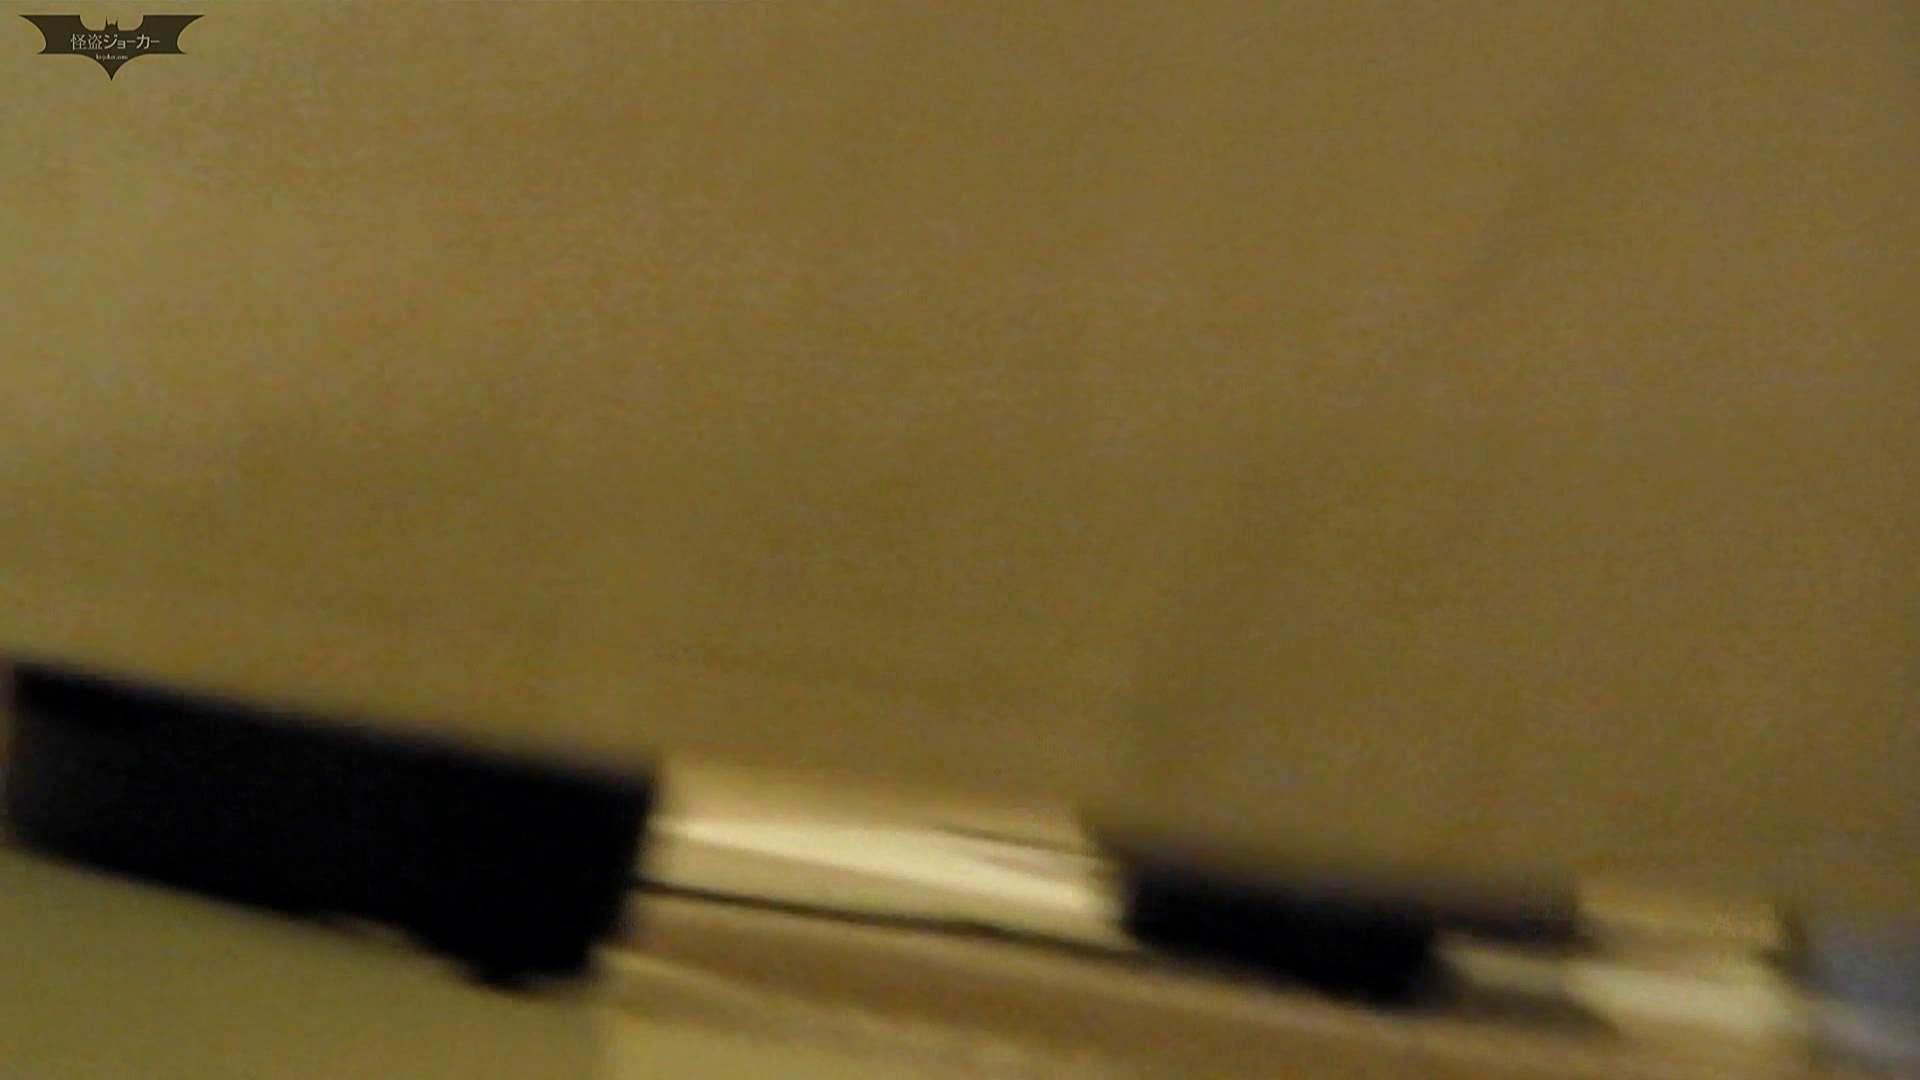 無修正おまんこ動画|新世界の射窓 No71 久しぶり、可愛い三人組全部晒しちゃいます。|怪盗ジョーカー